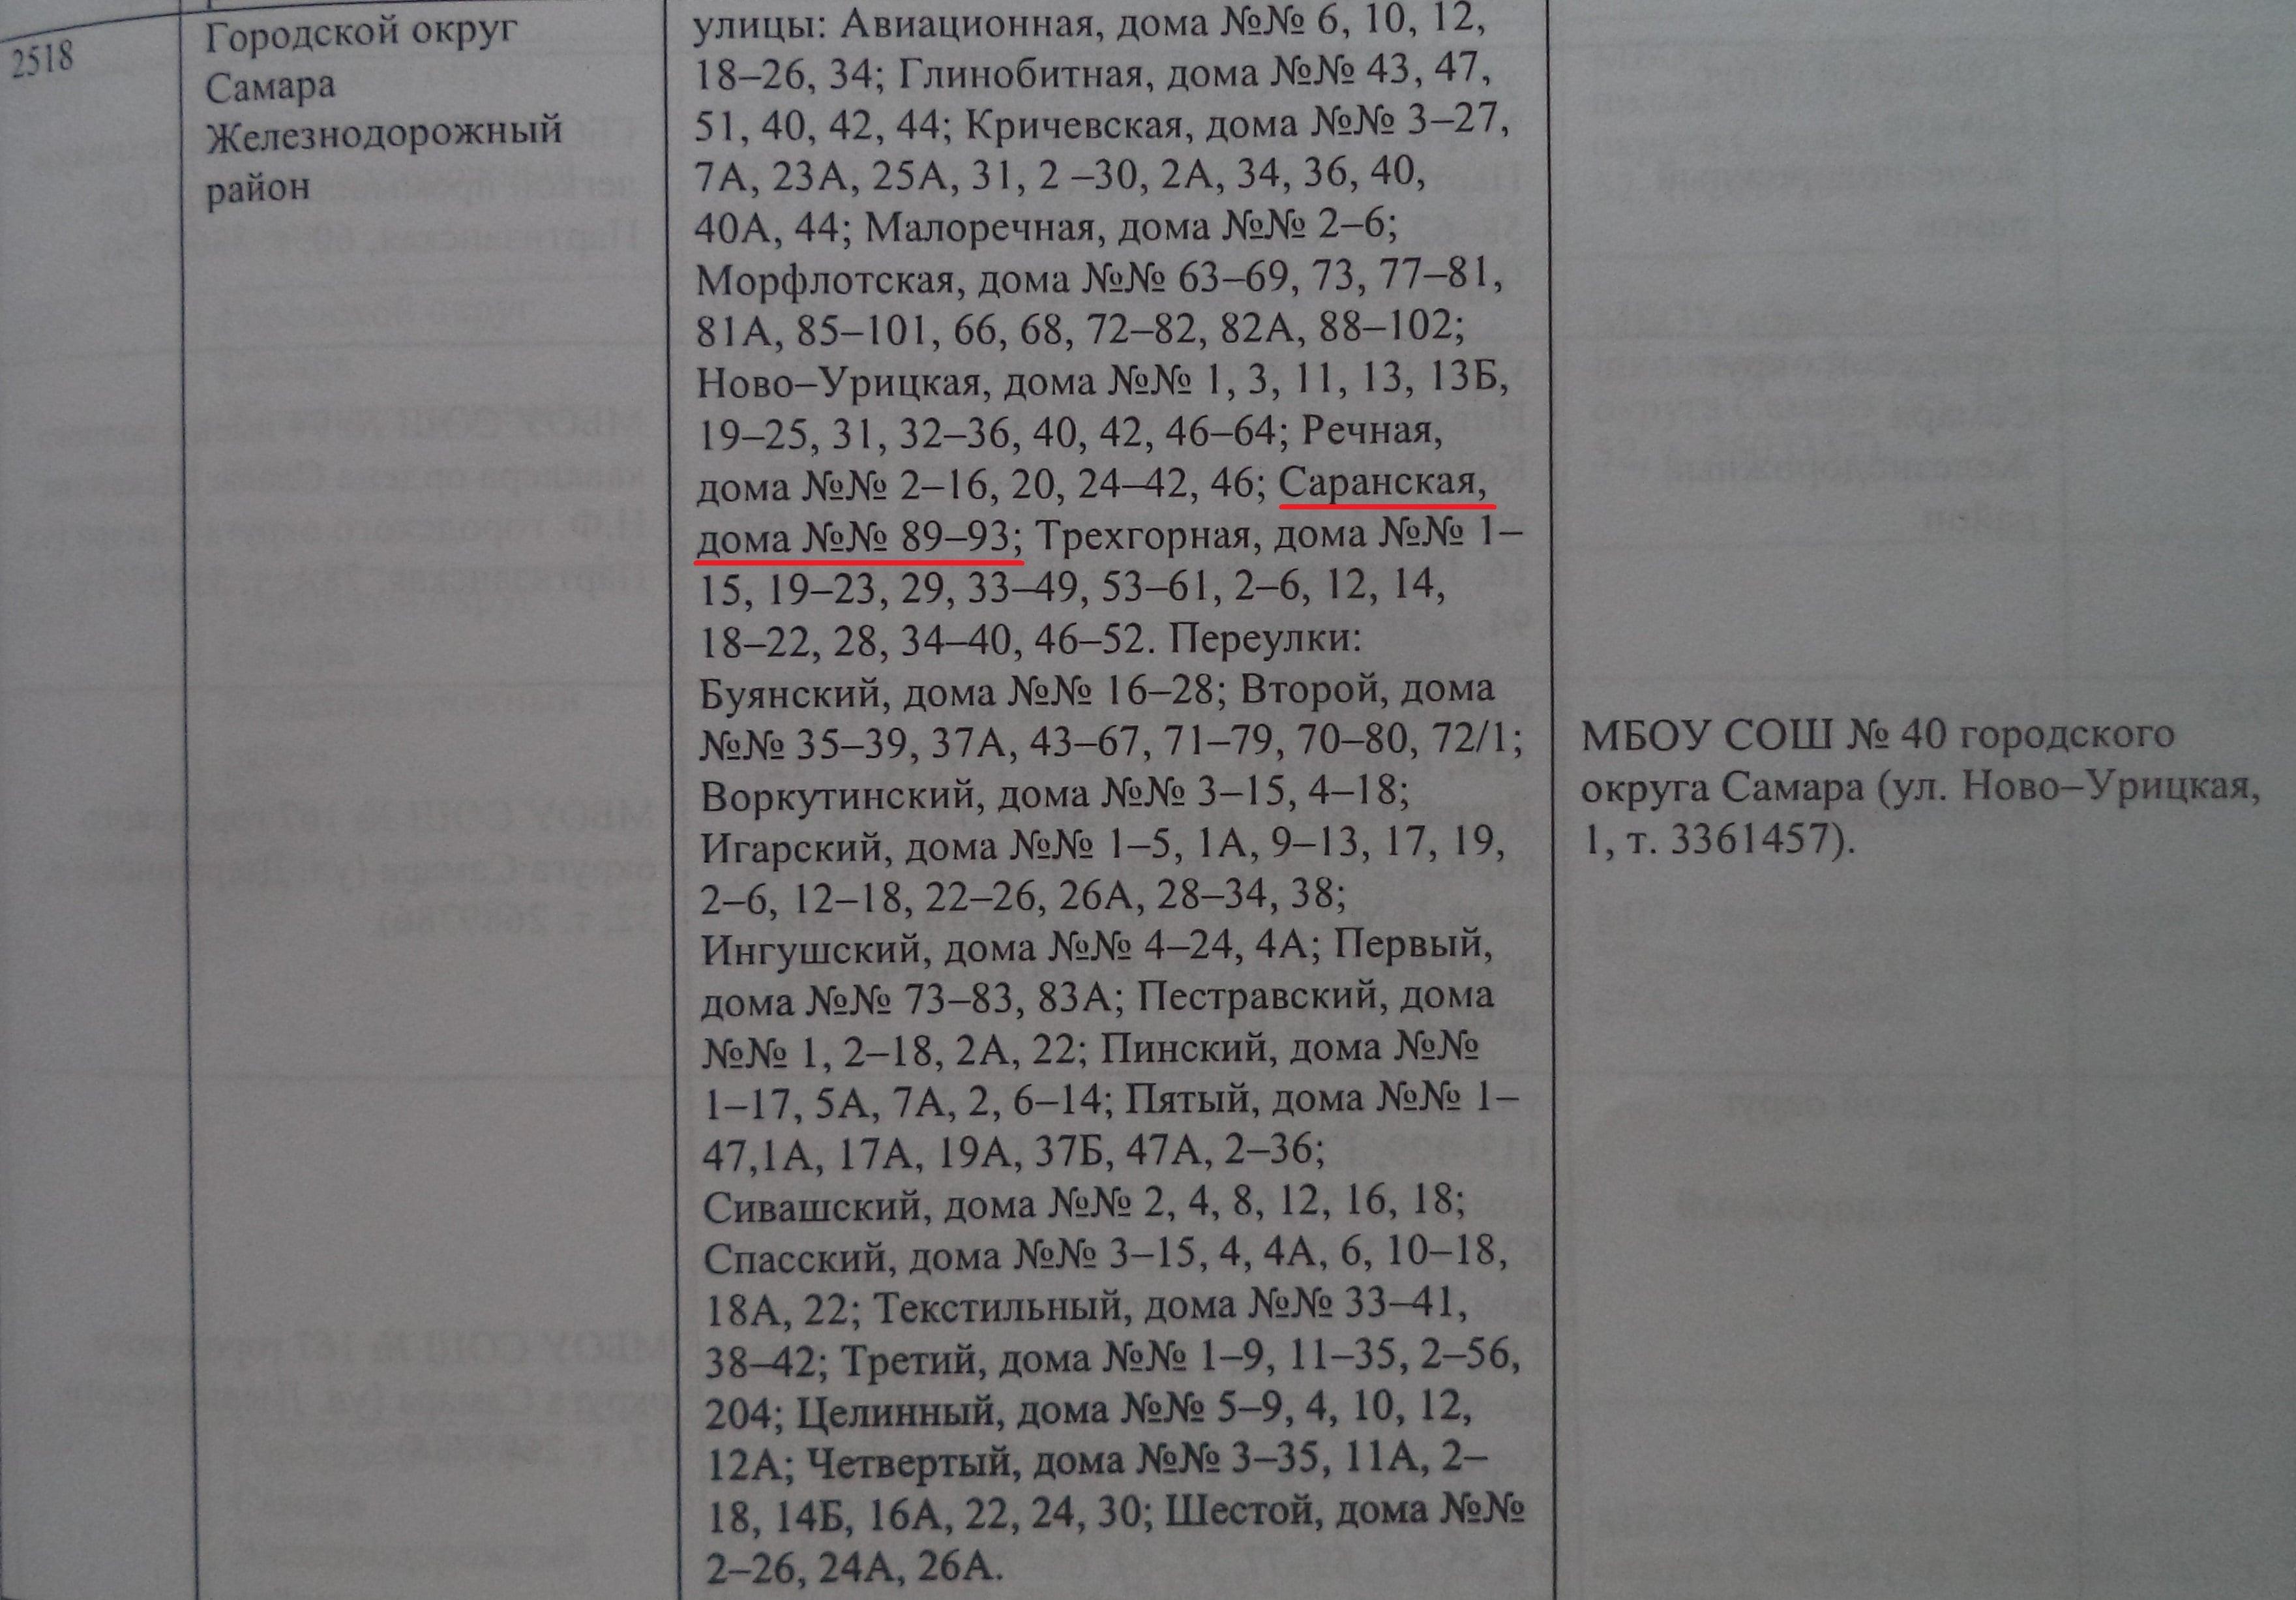 Саранская-ФОТО-12-выборы-2013-min